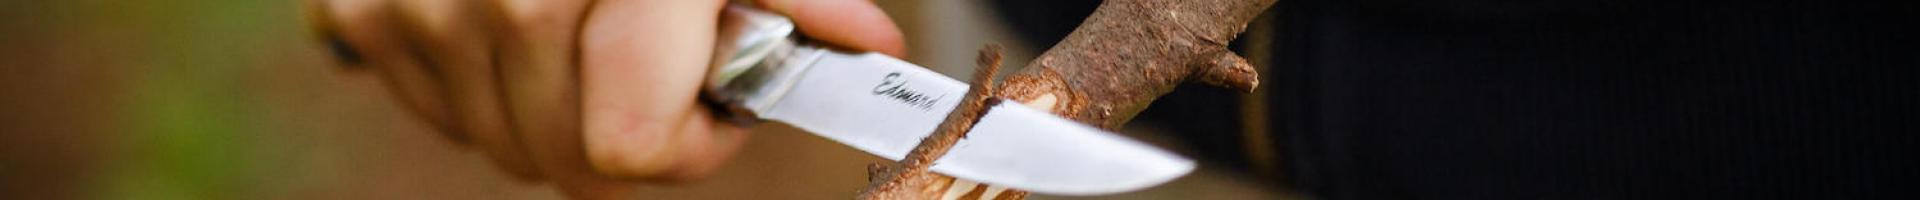 Gravure couteau : Faire graver son couteau pour le personnaliser